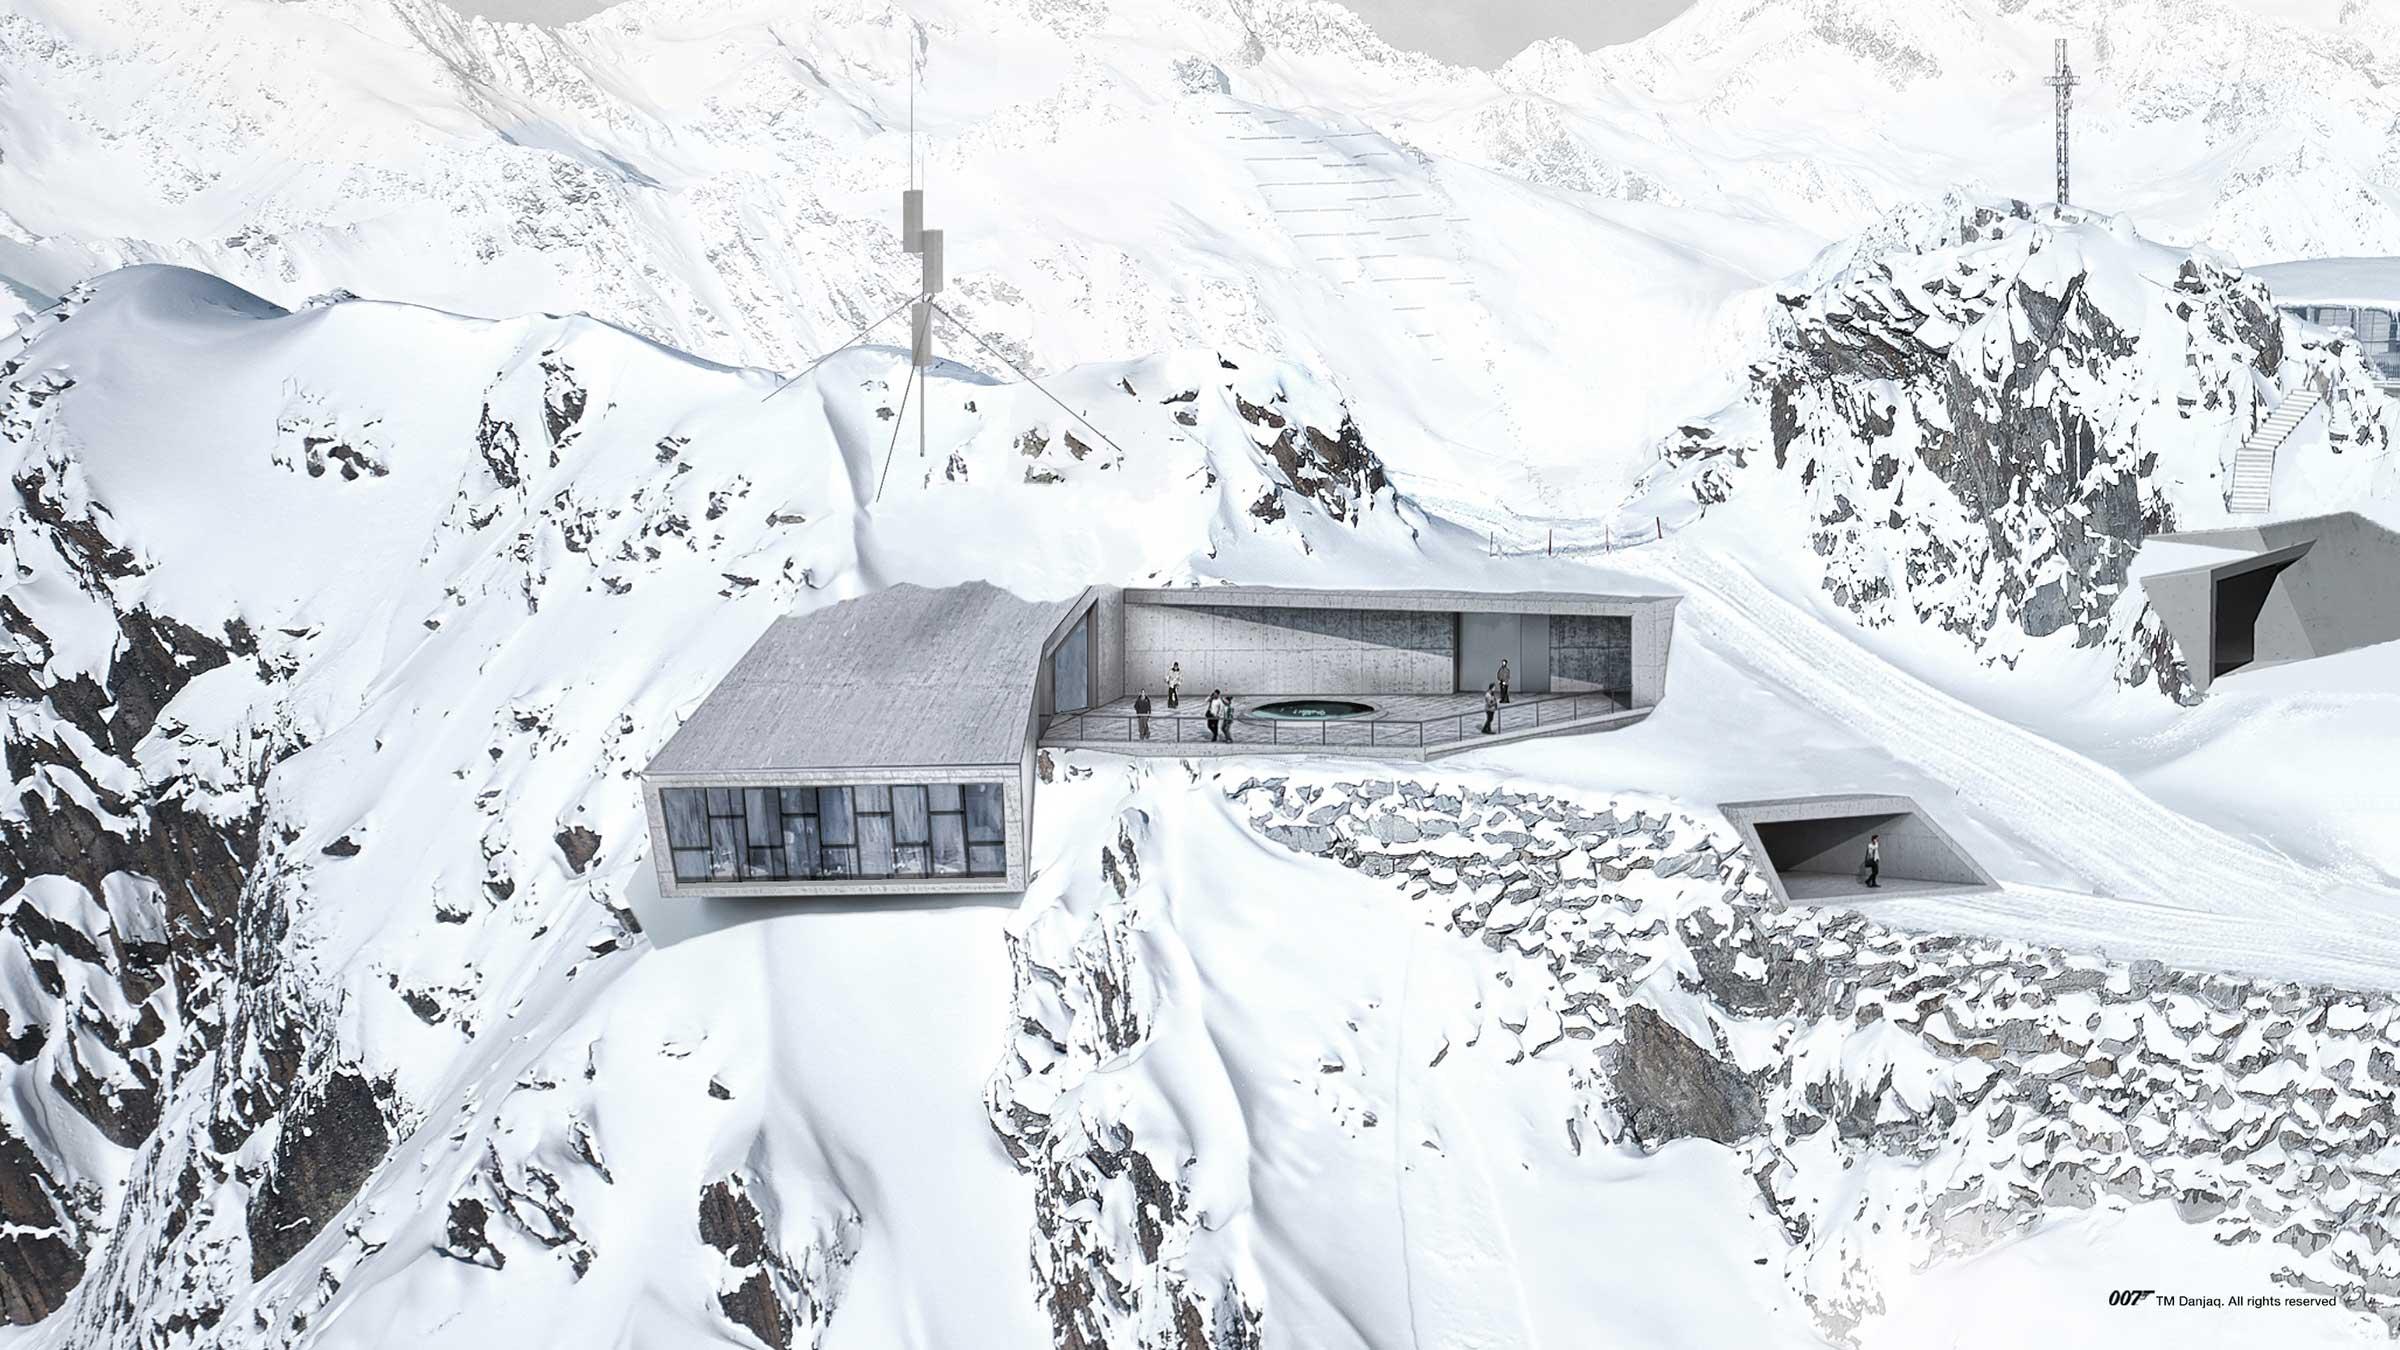 007 ELEMENTS – James Bond kehrt in geheimer Mission zurück nach Sölden